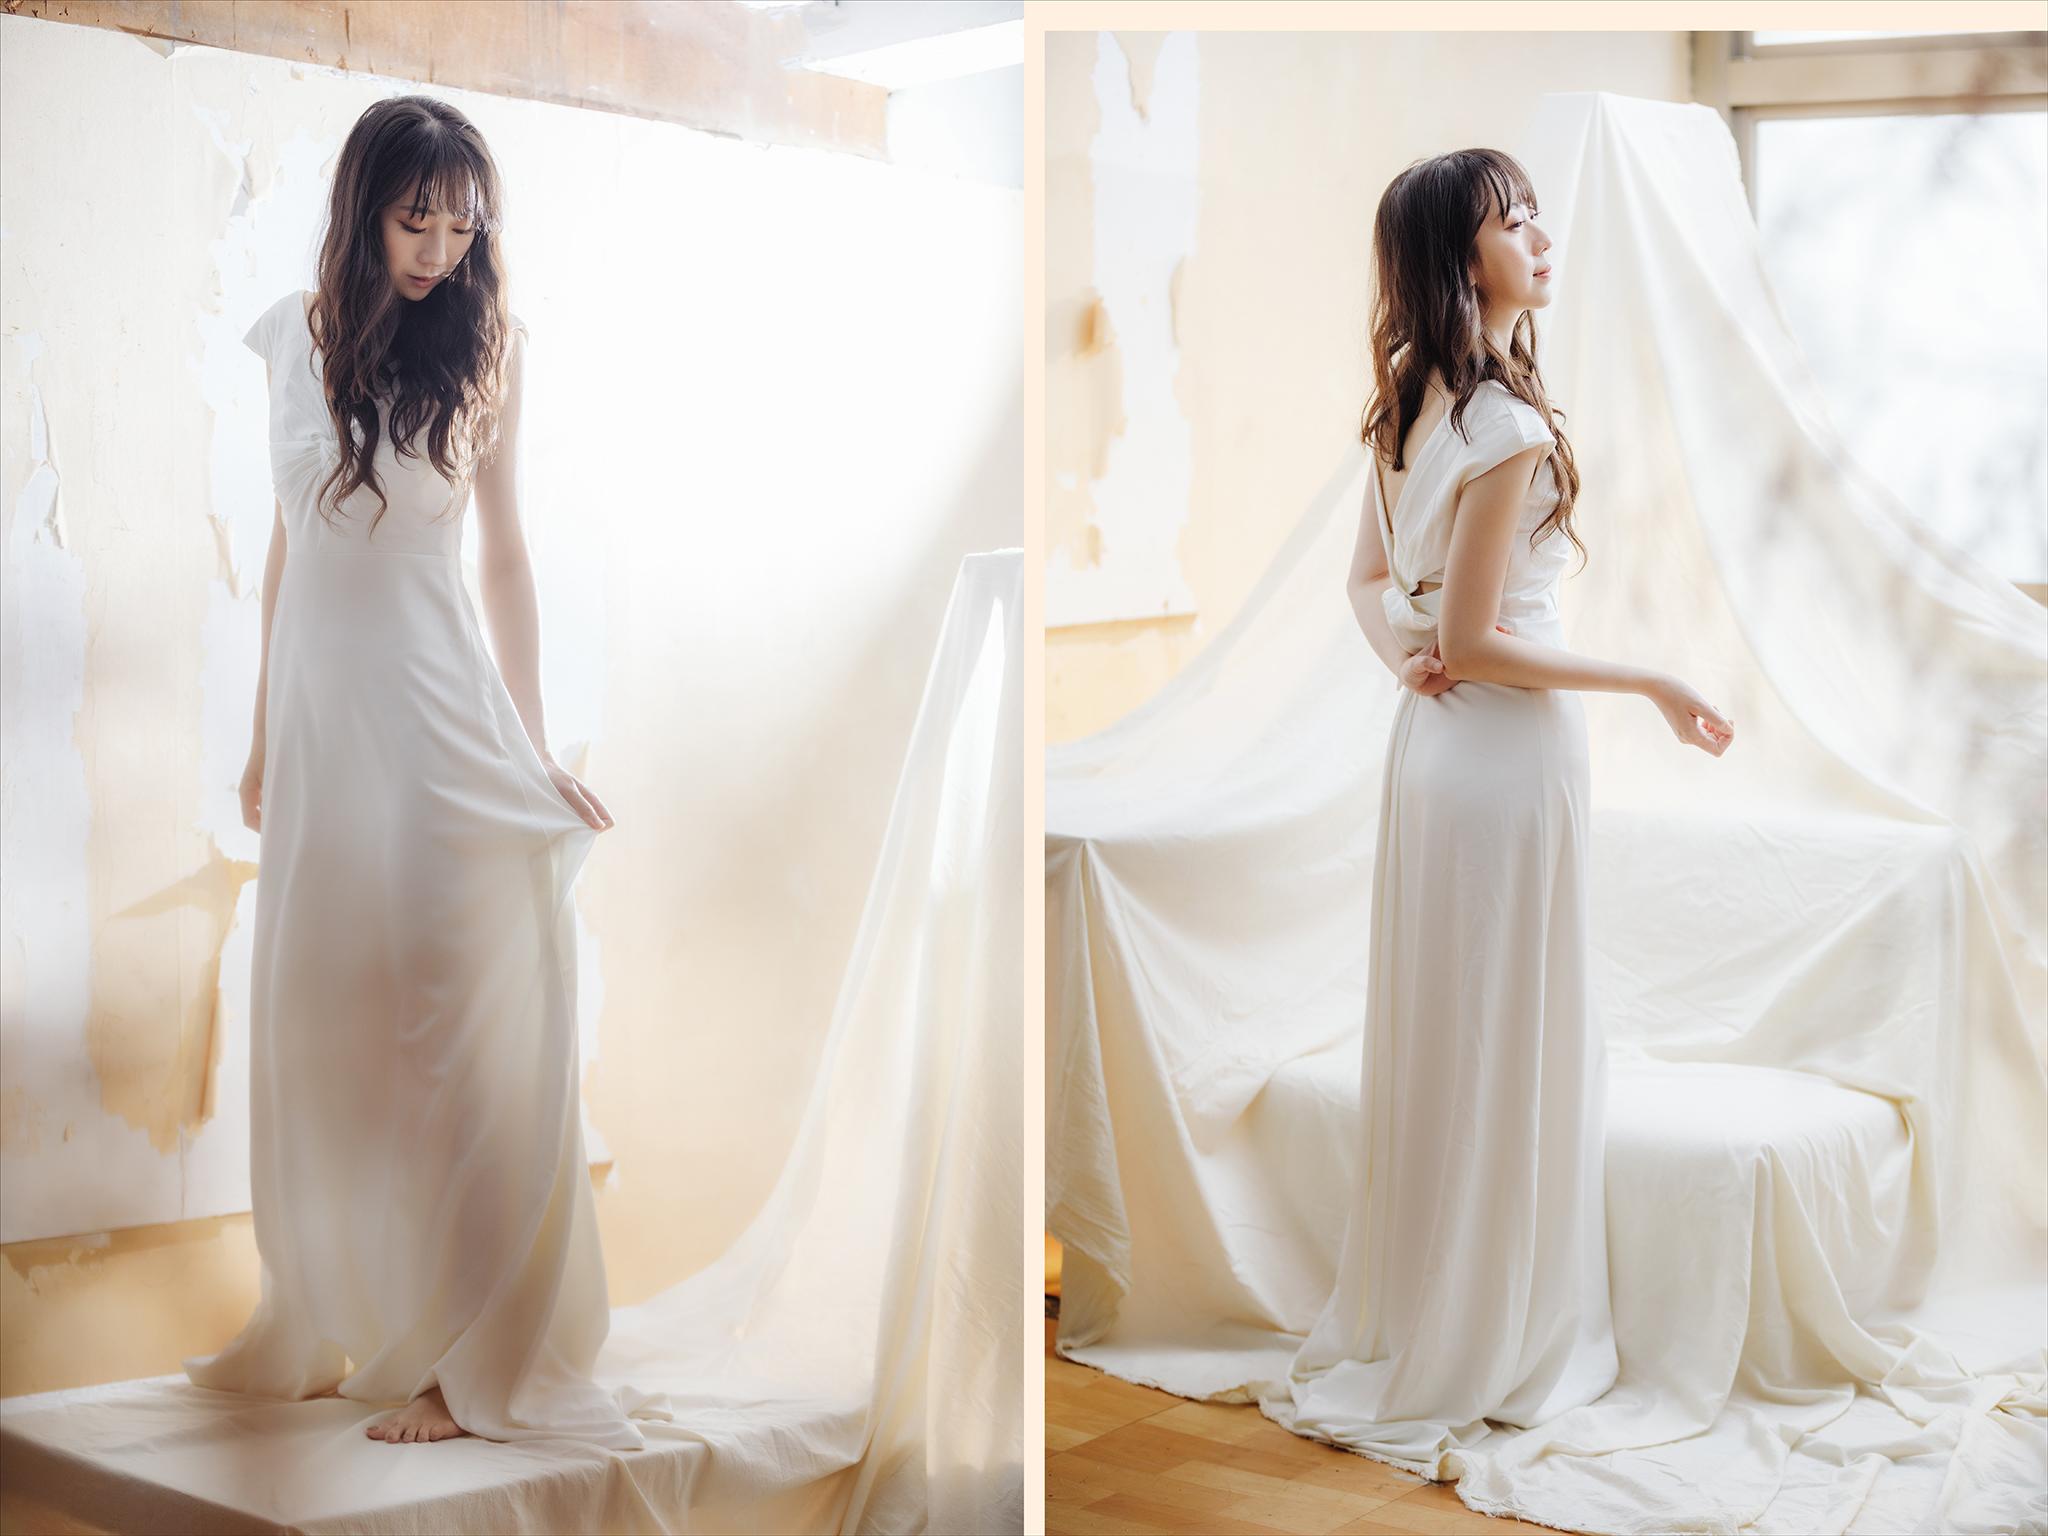 50660016261 85a1172edb o - 【自主婚紗】+Melody+